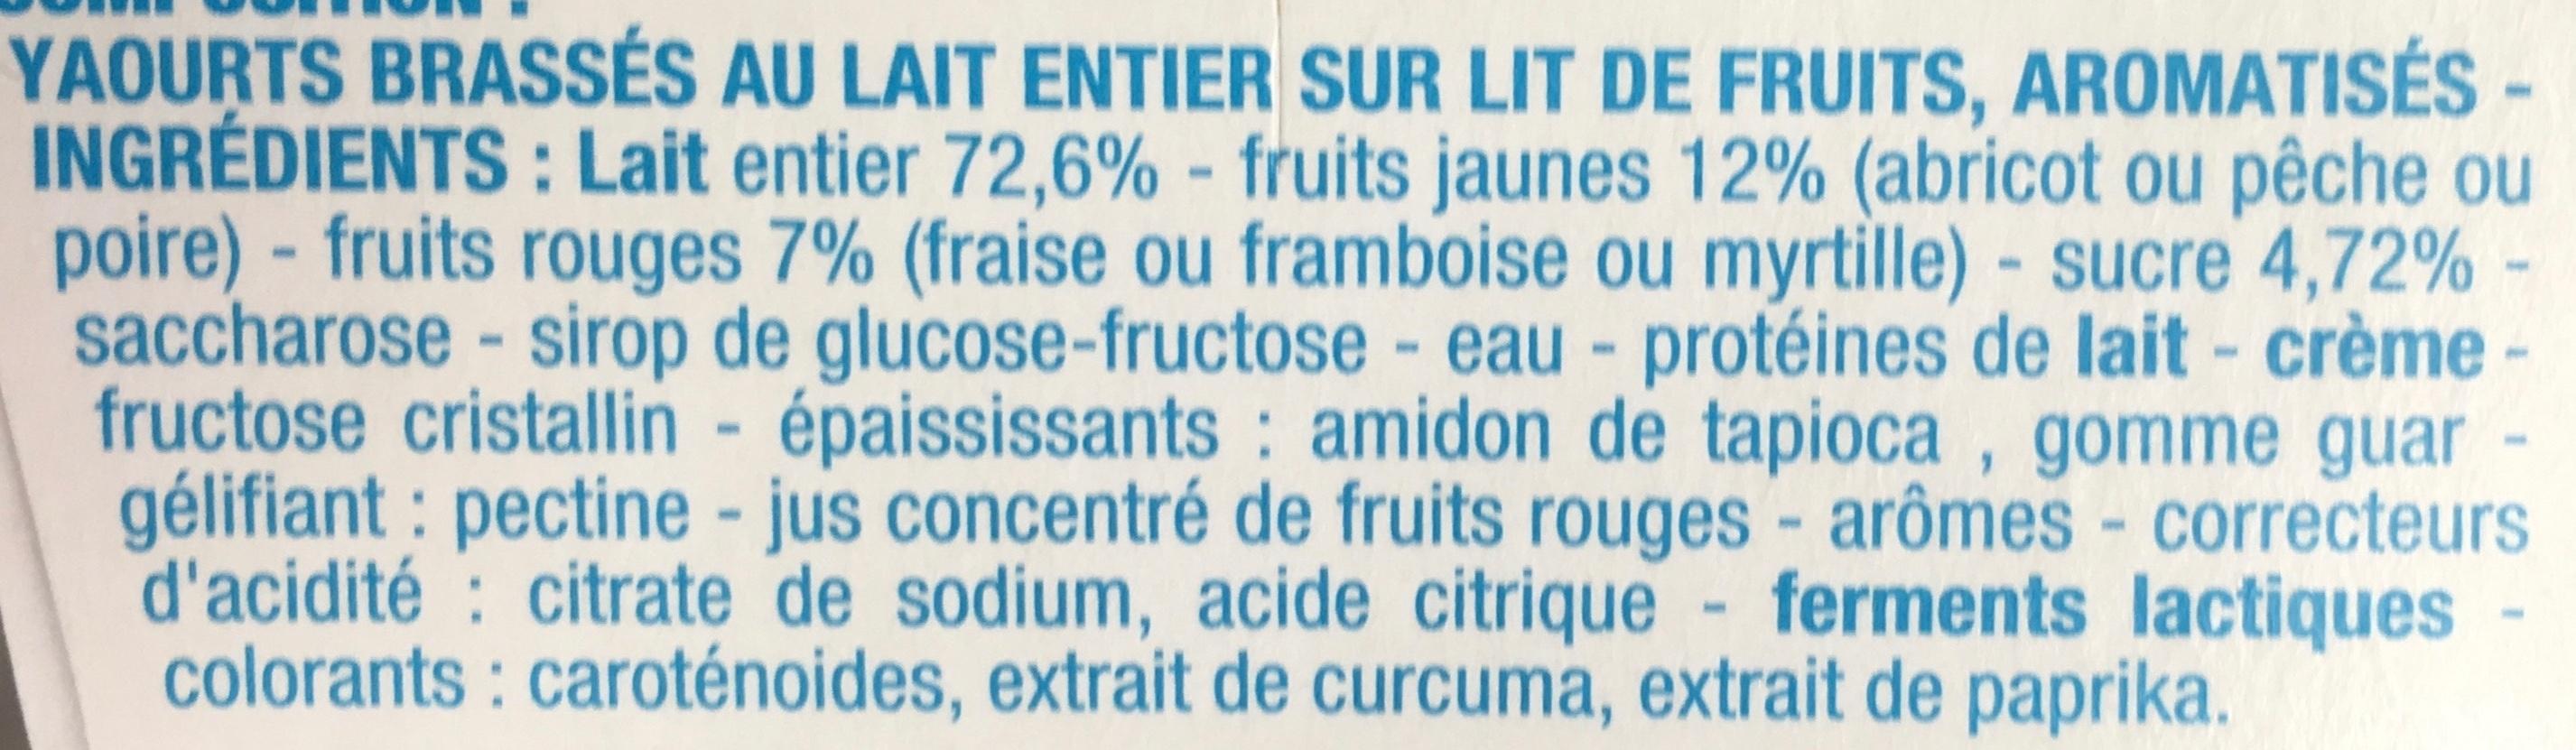 Yaourt sur lit de fruits - Ingrédients - fr